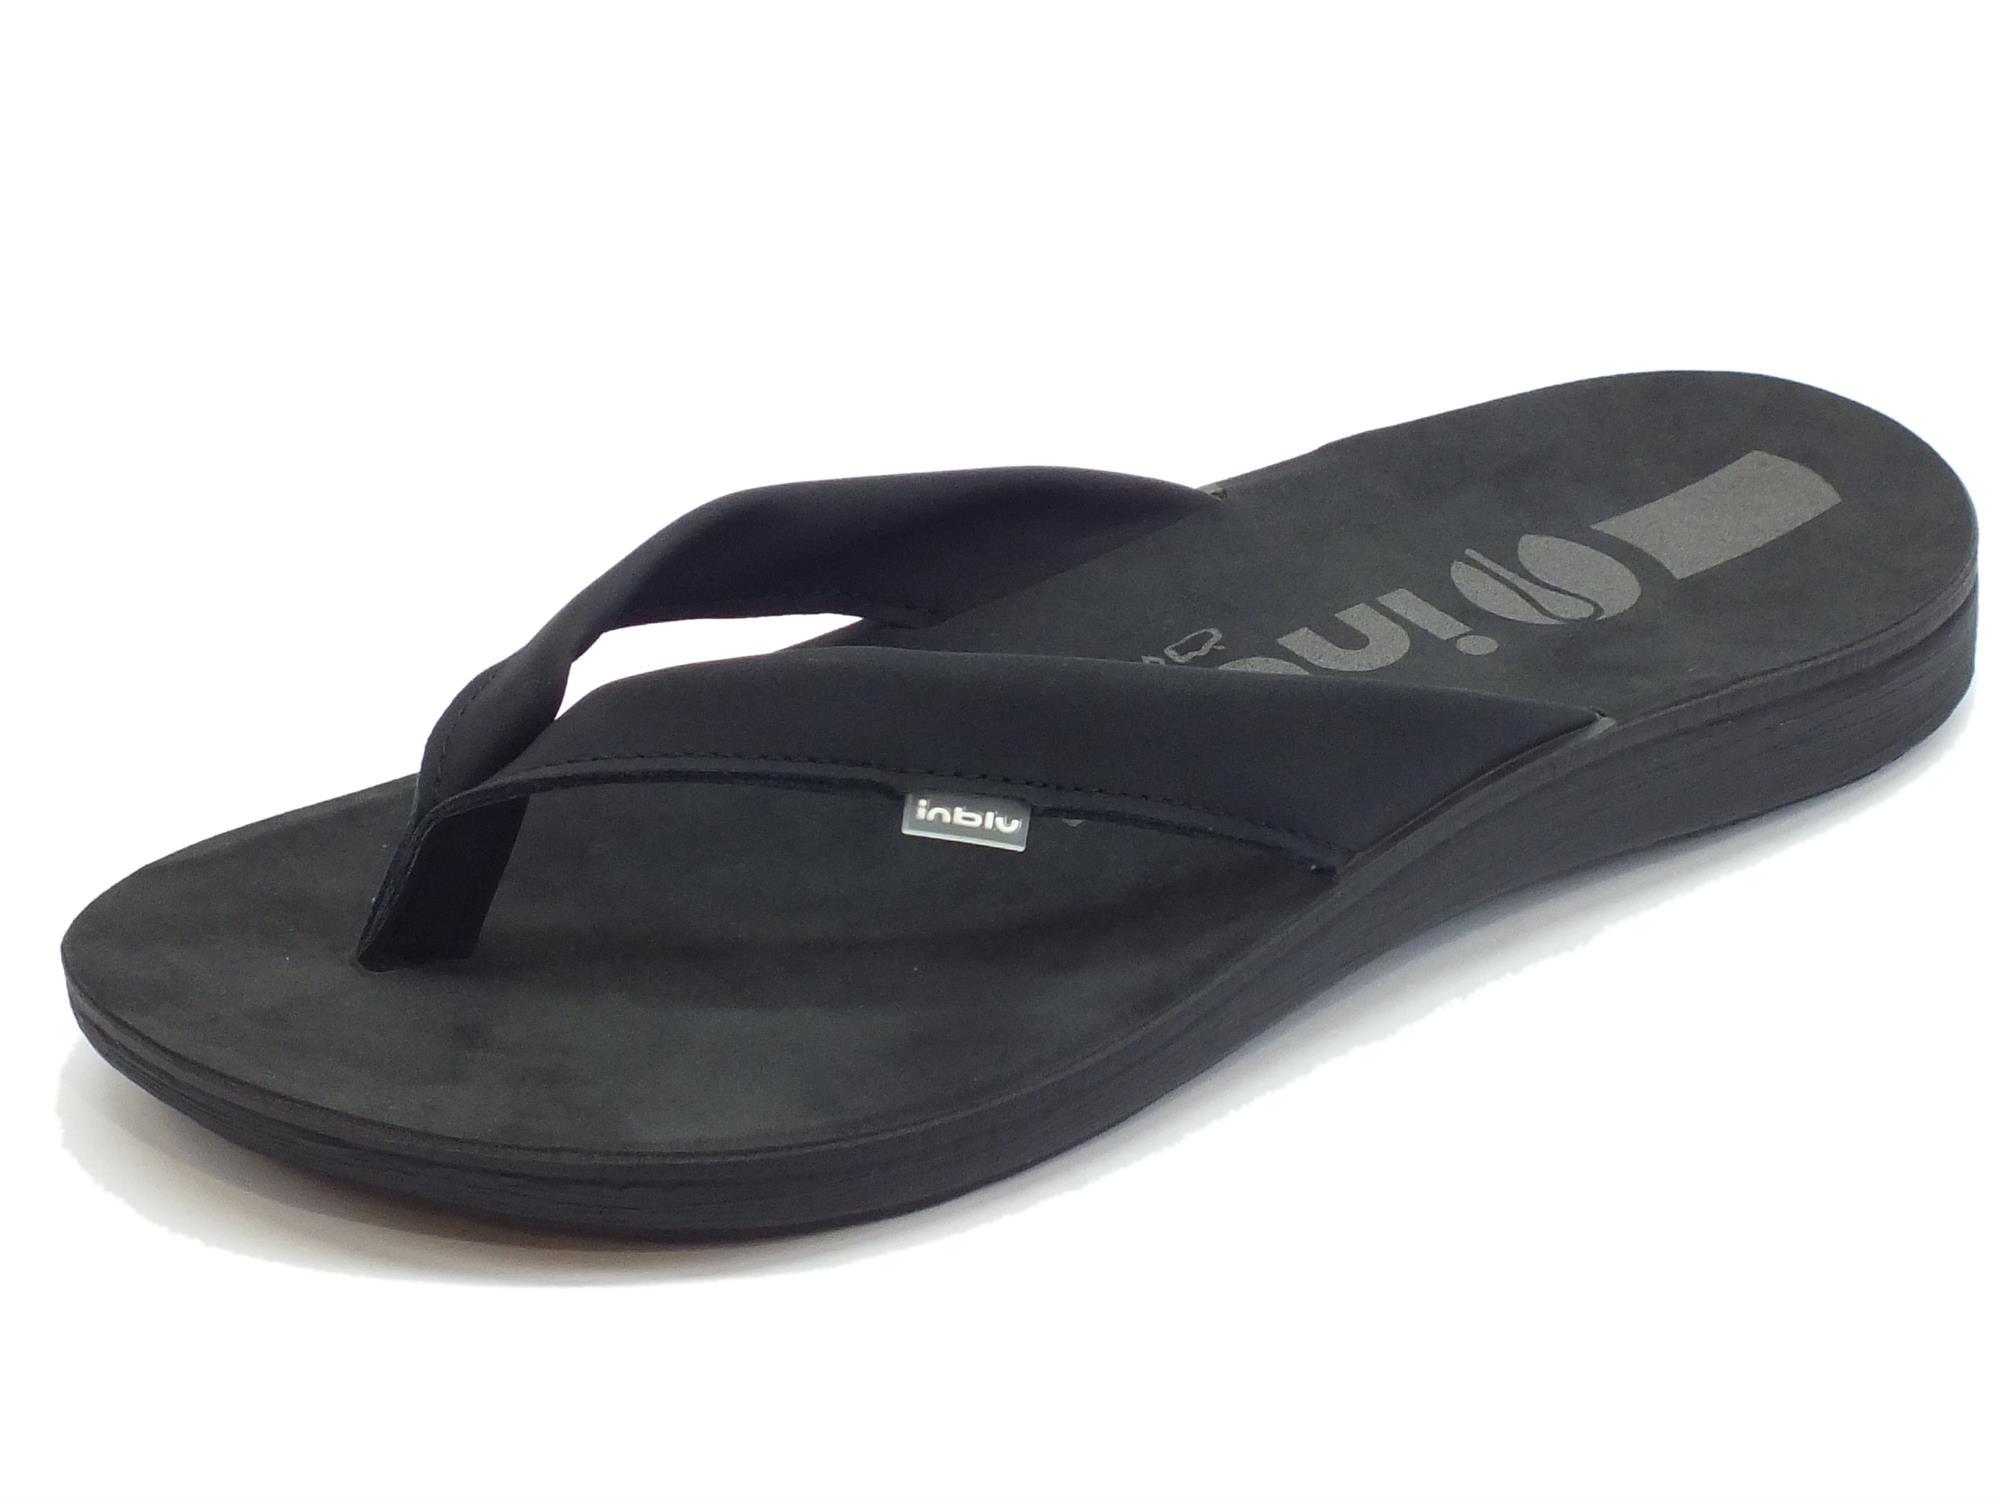 di buona qualità guarda bene le scarpe in vendita prezzo folle Infradito InBlu uomo gomma nero - Vitiello Calzature